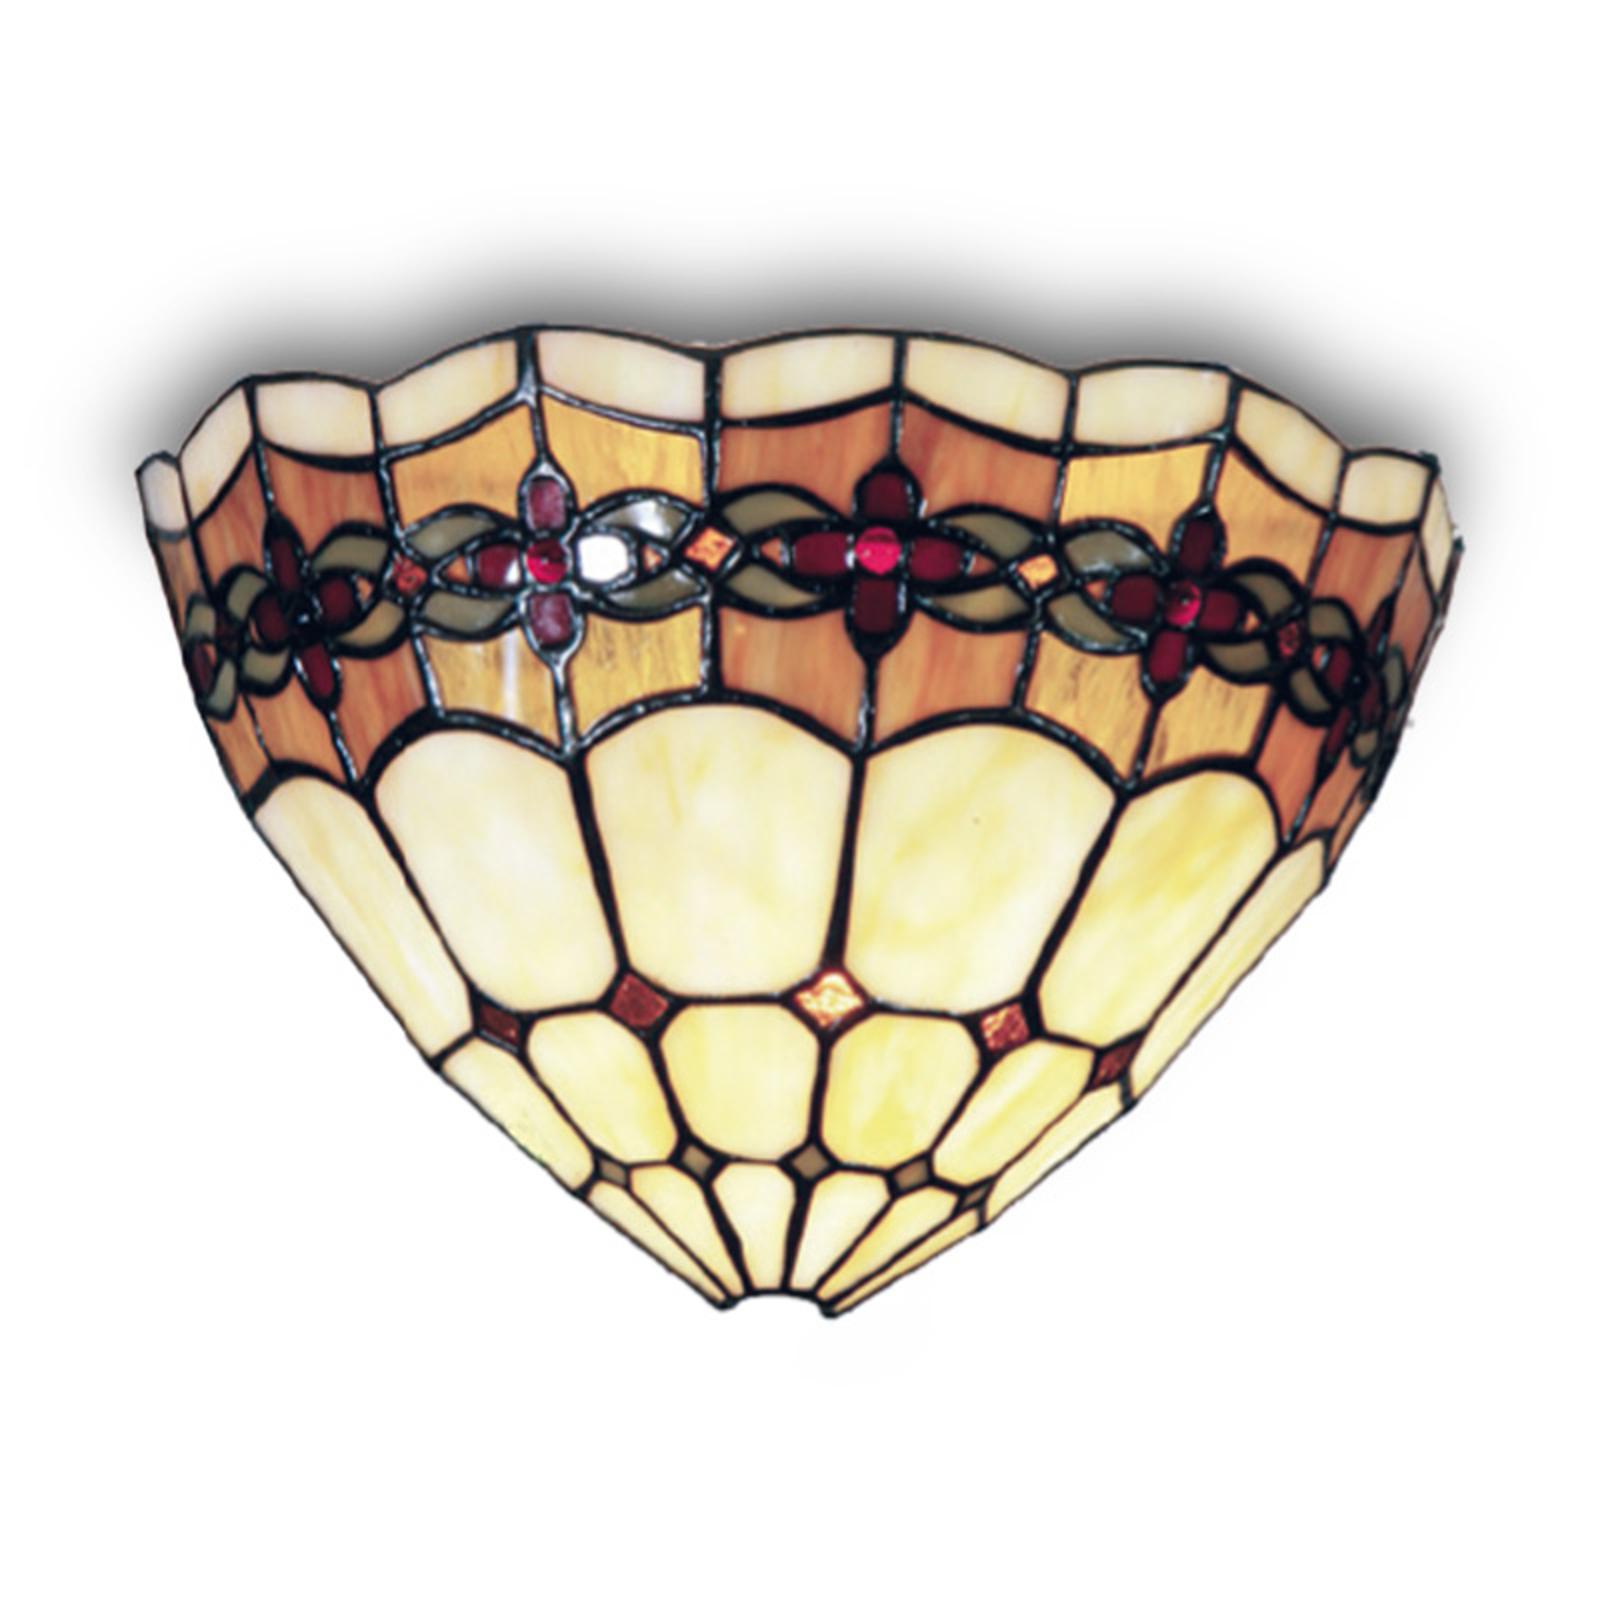 Vägglampa Weena i Tiffany-stil